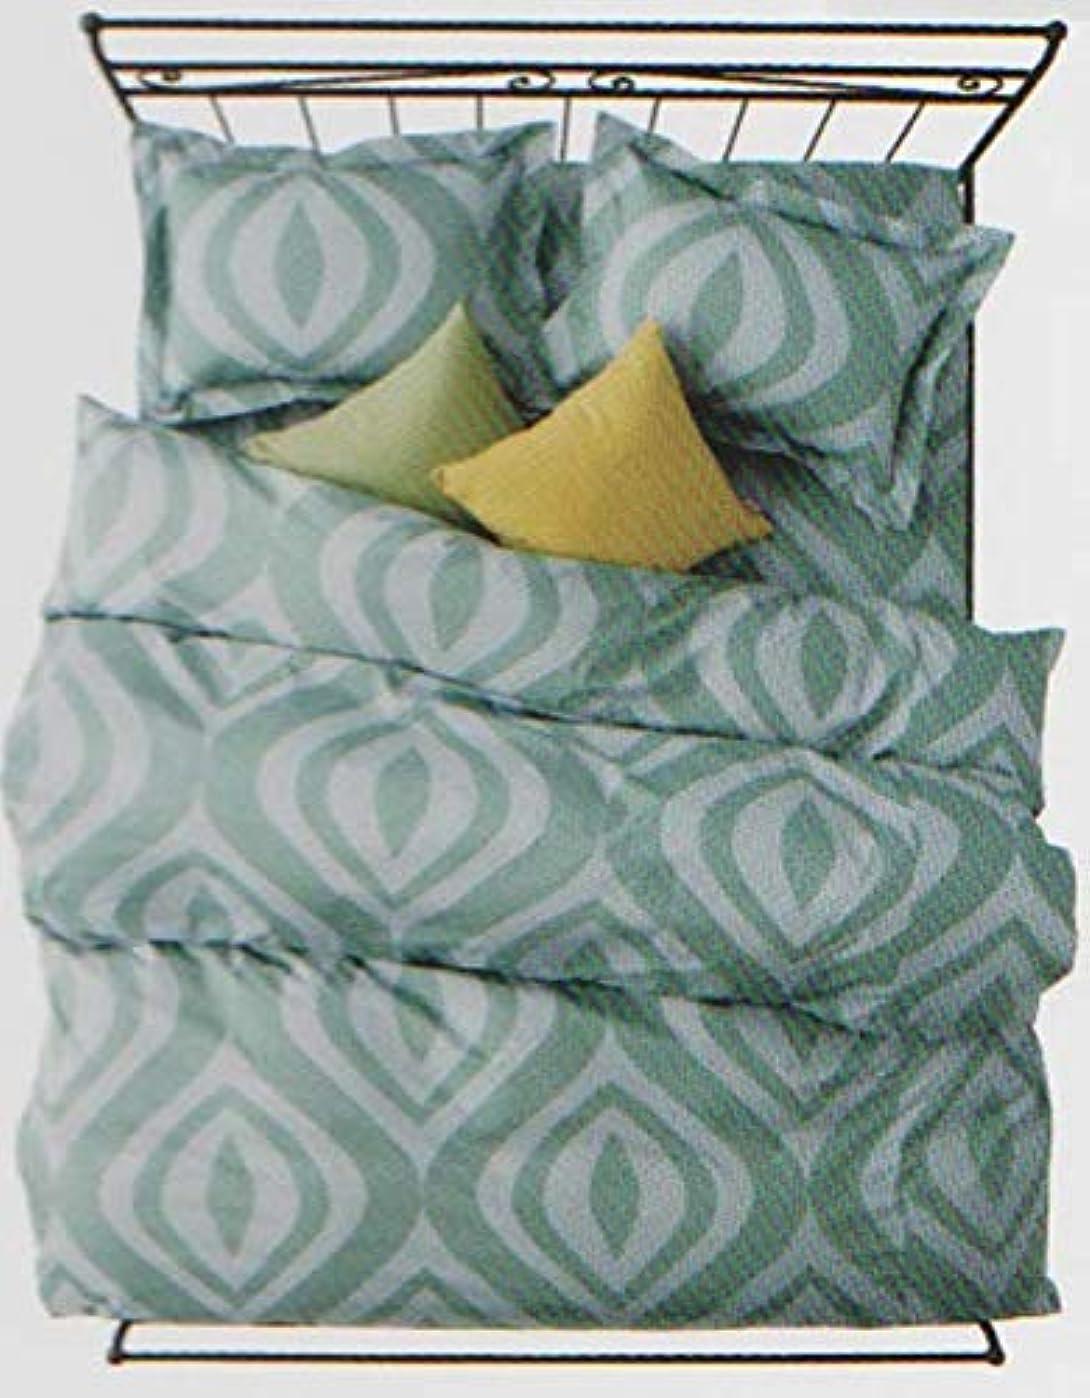 物質かかわらず読むシビラ ウアウ 掛け布団カバー シングル150×210cm ブルー